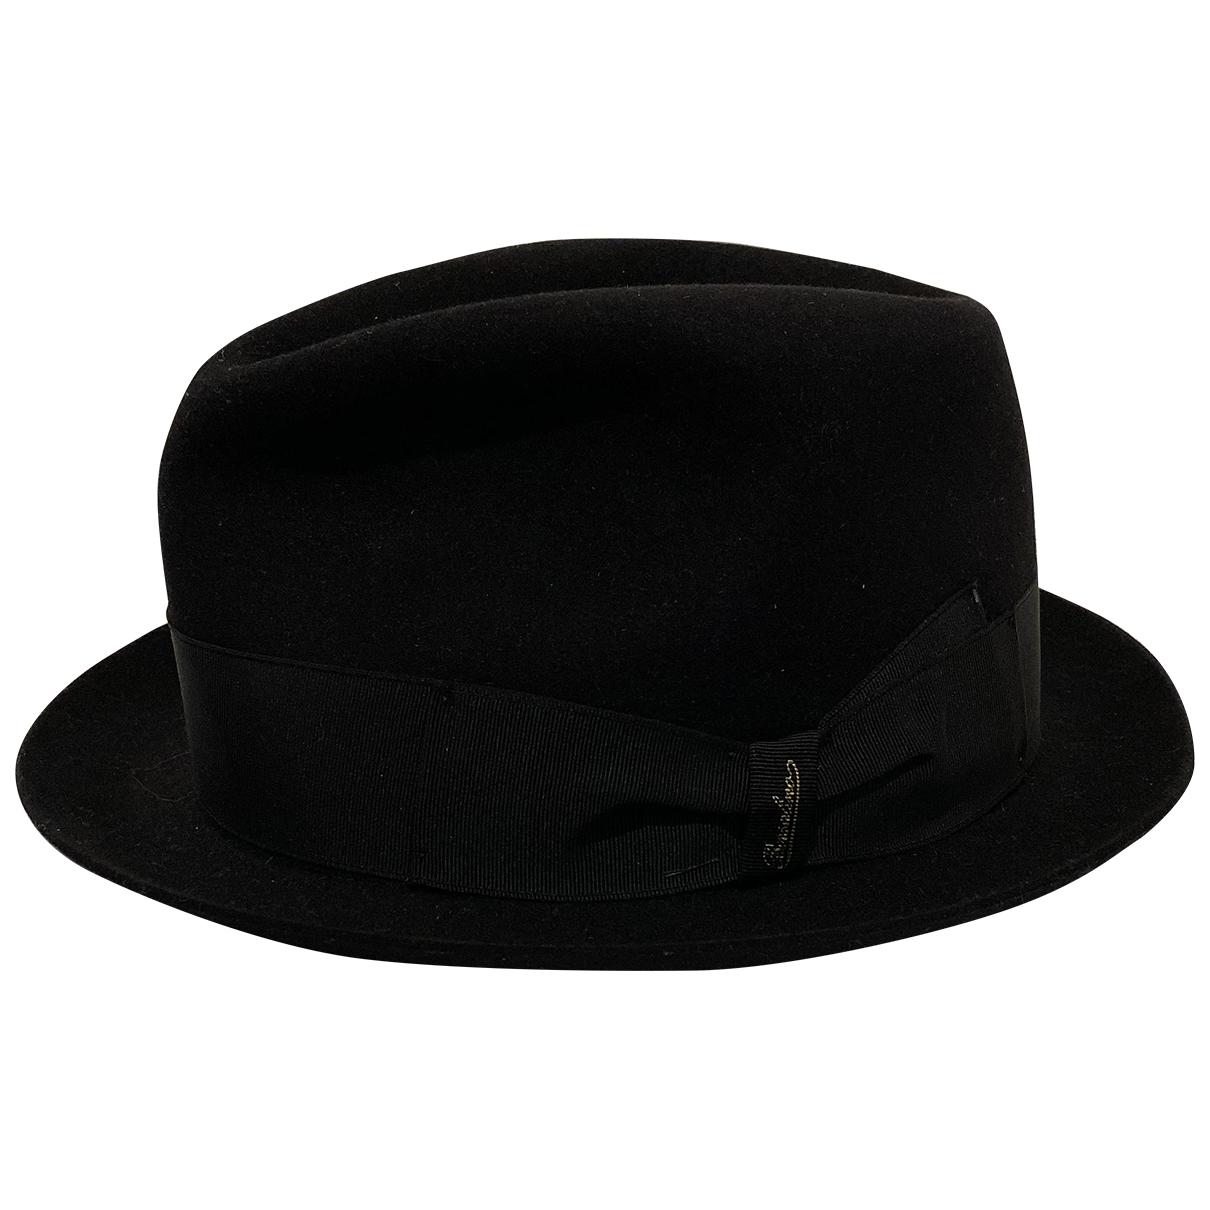 Borsalino - Chapeau & Bonnets   pour homme en laine - noir